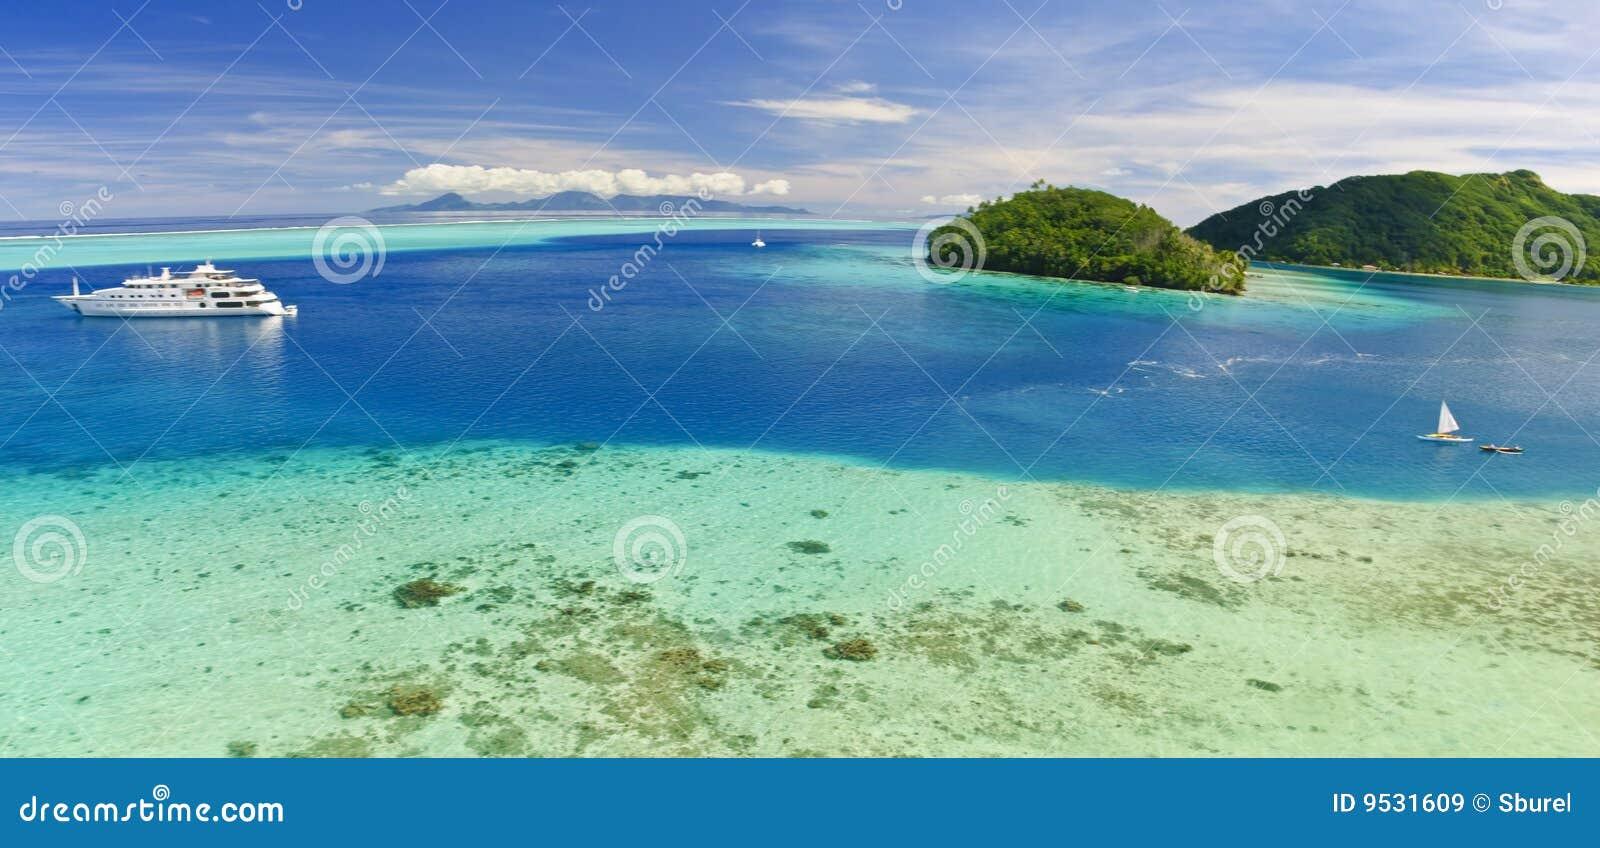 Jacht dichtbij strand op Eiland in Stille Zuidzee